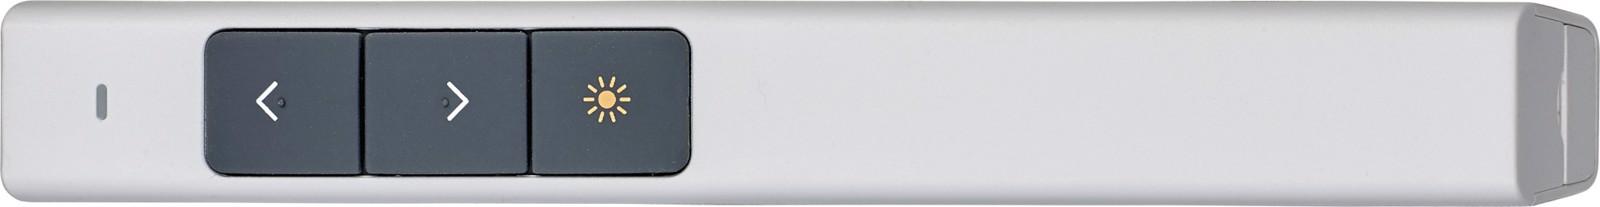 ABS laser pointer - White